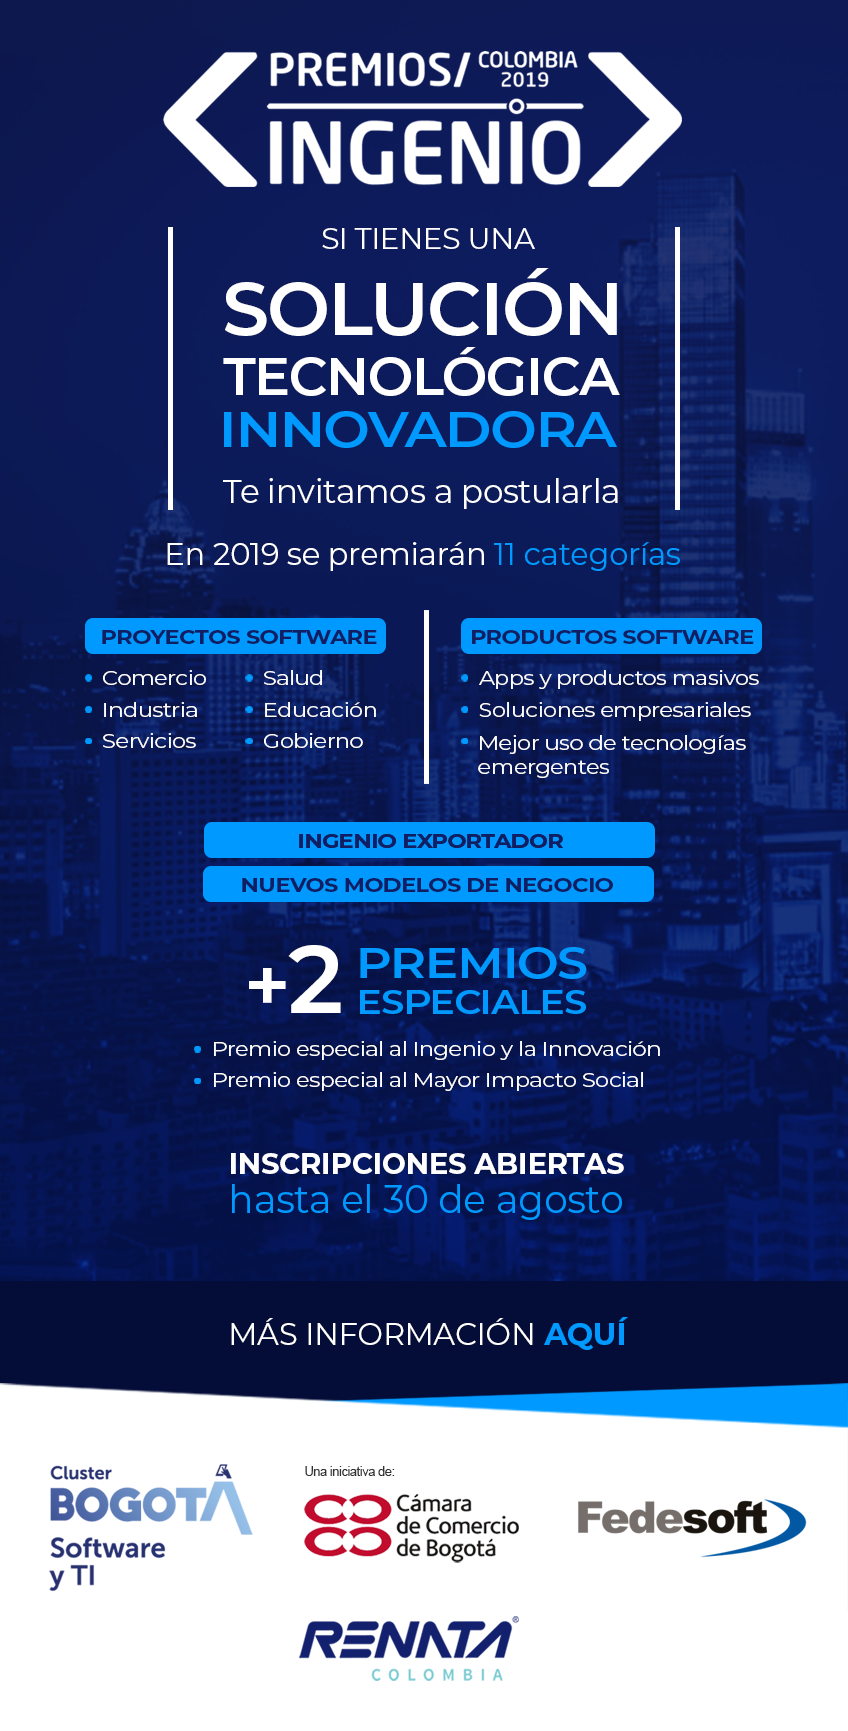 Premios Ingenio Colombia 2019